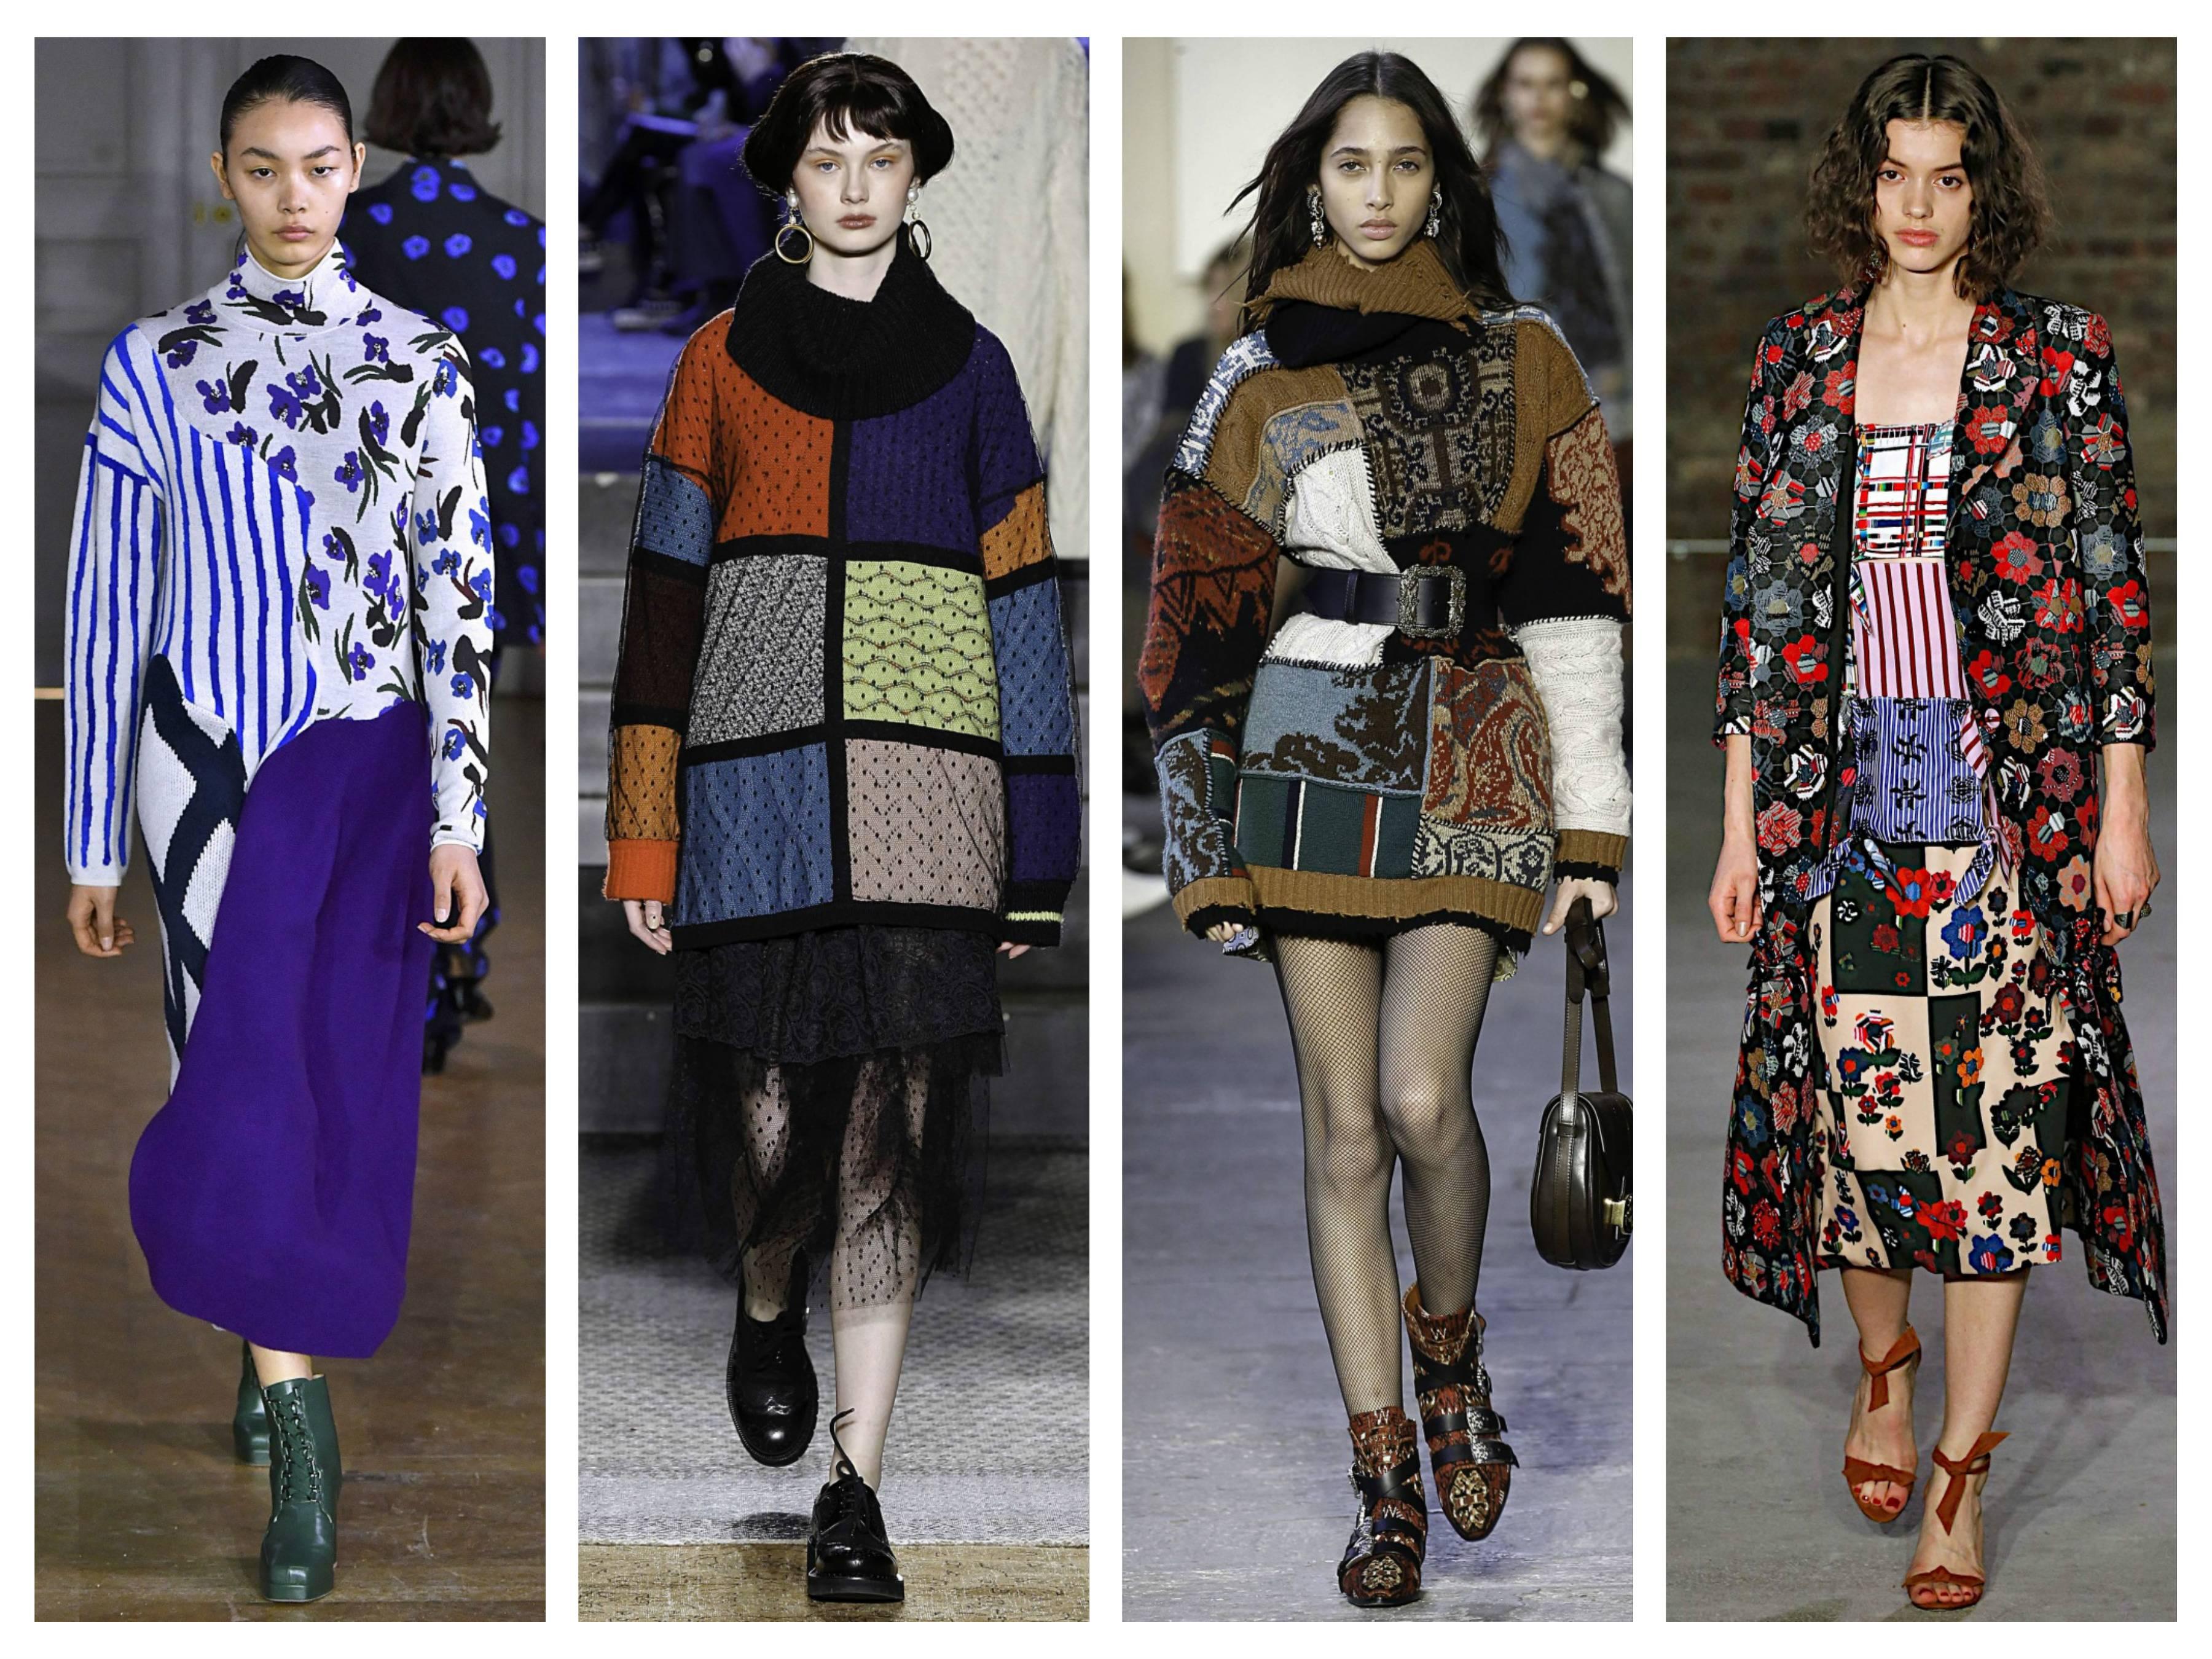 модные тренды осени 2019 2020 что модно этой осенью модні тренди осені